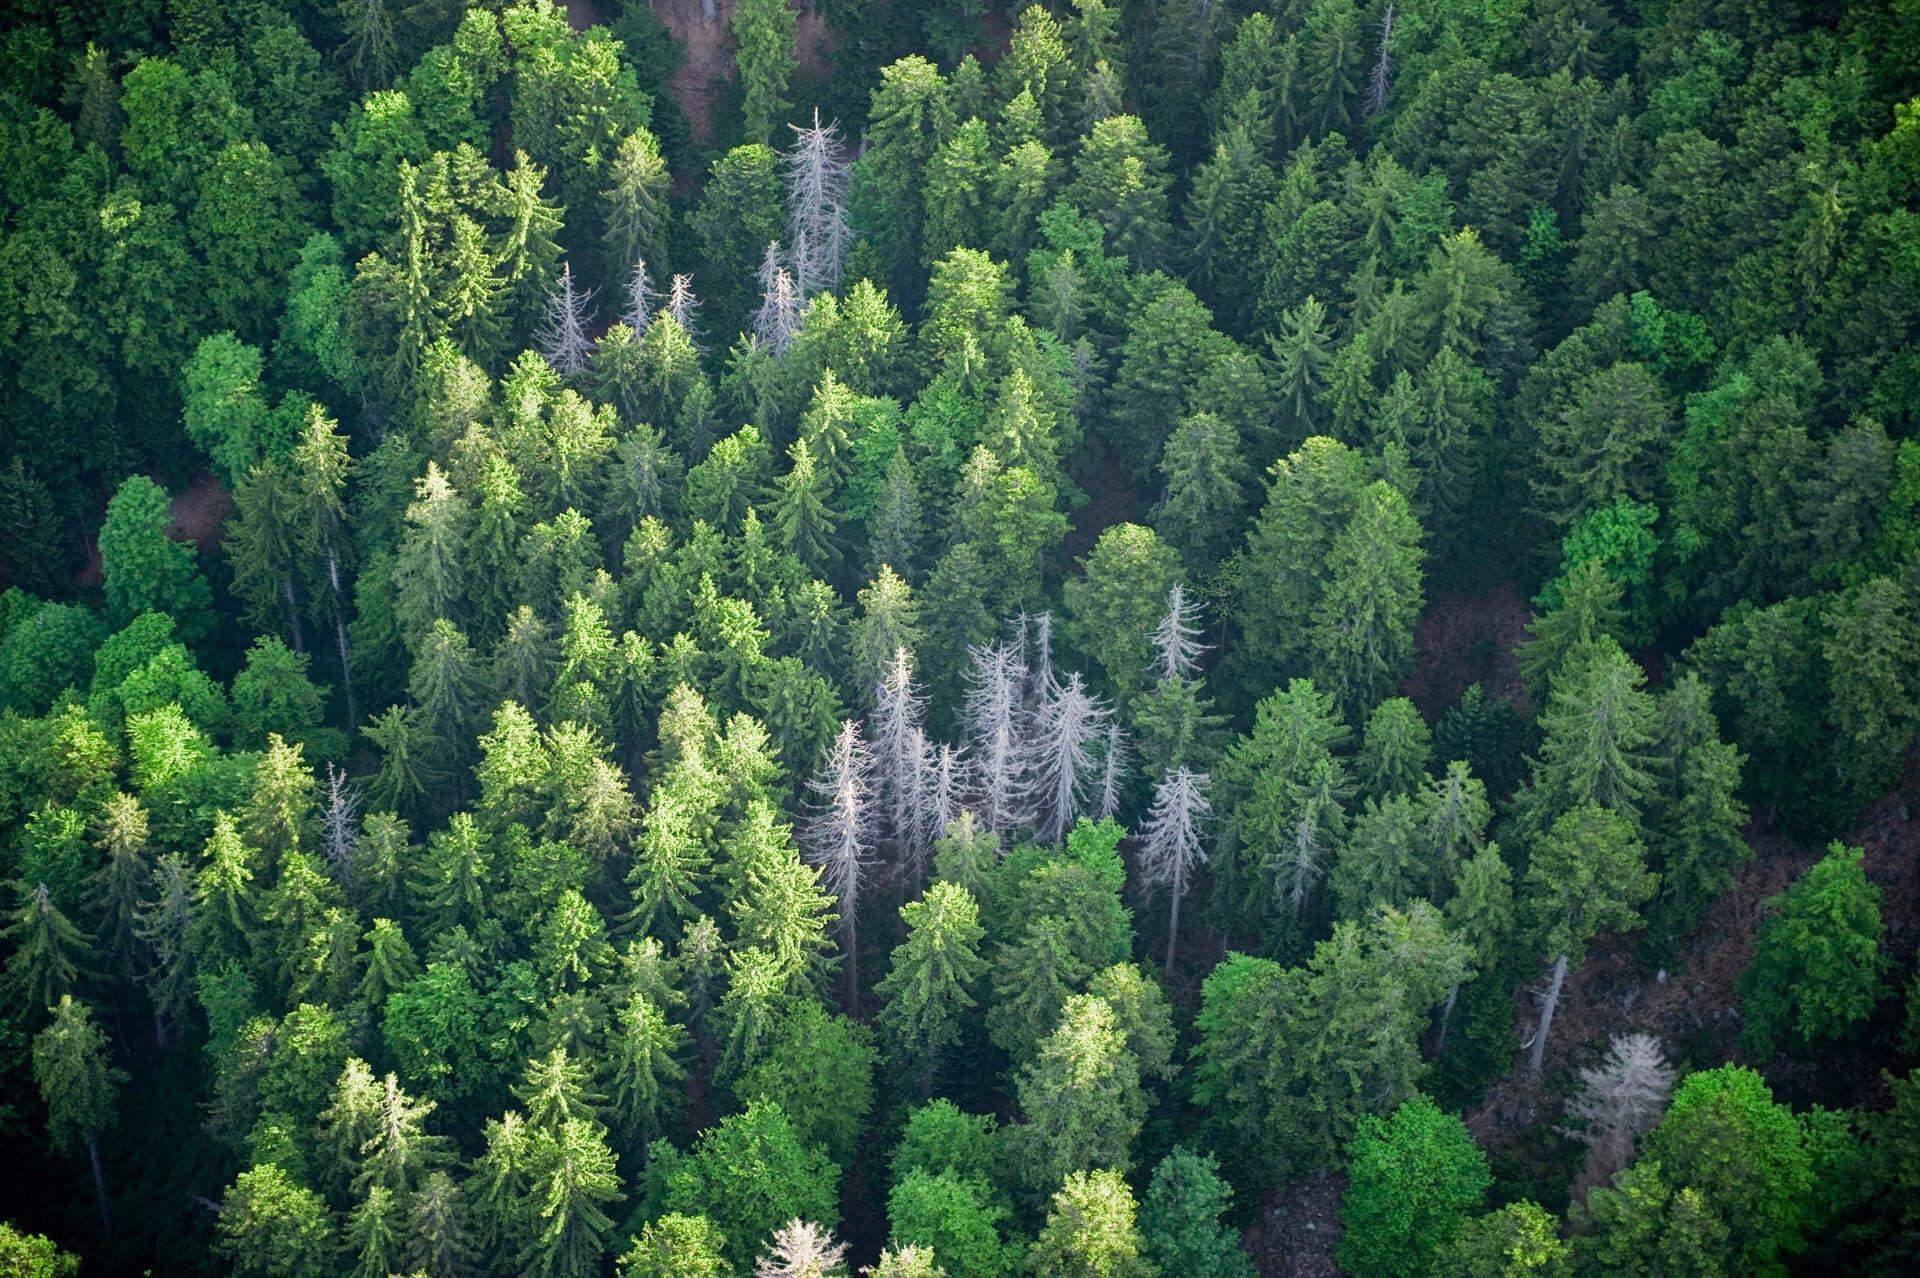 Wald mit gesunden und kranken Bäumen von oben fotografiert